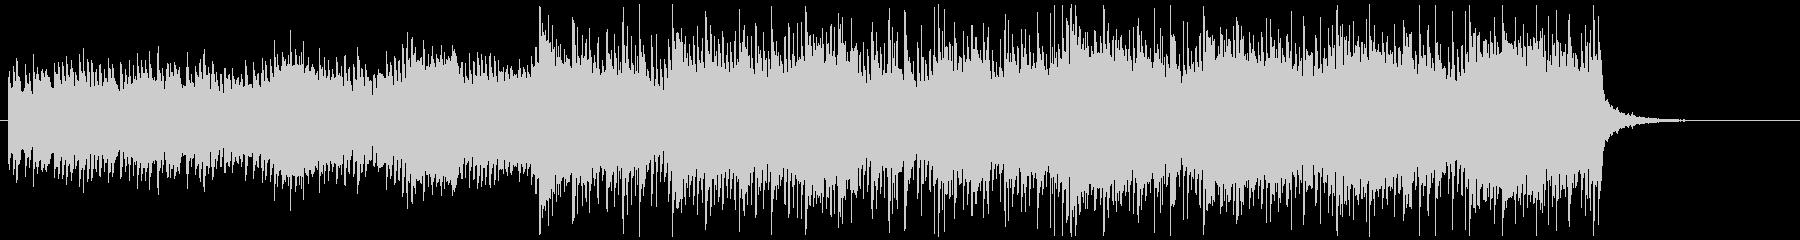 ハイブリッドシネマティック/イントロの未再生の波形